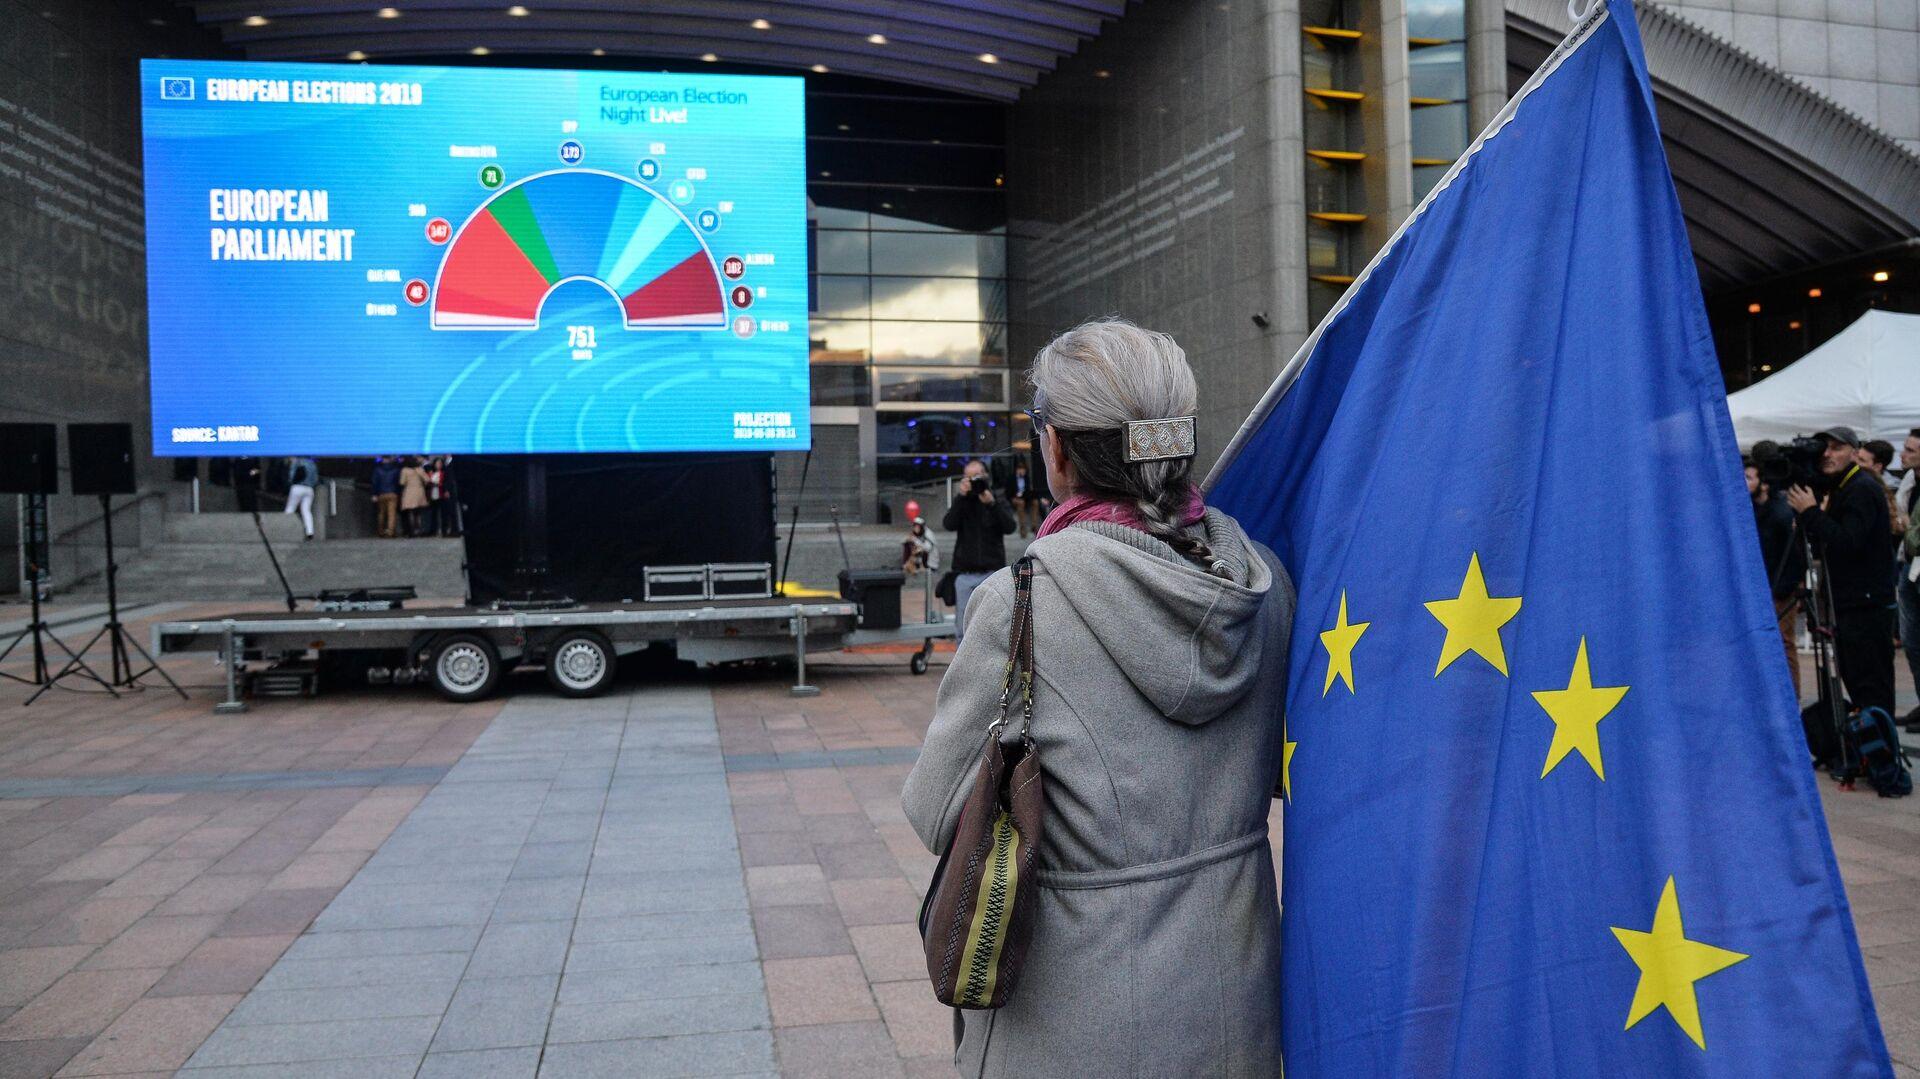 Женщина с флагом ЕС у штаб-квартиры Европпарламента в Брюсселе - РИА Новости, 1920, 22.02.2021